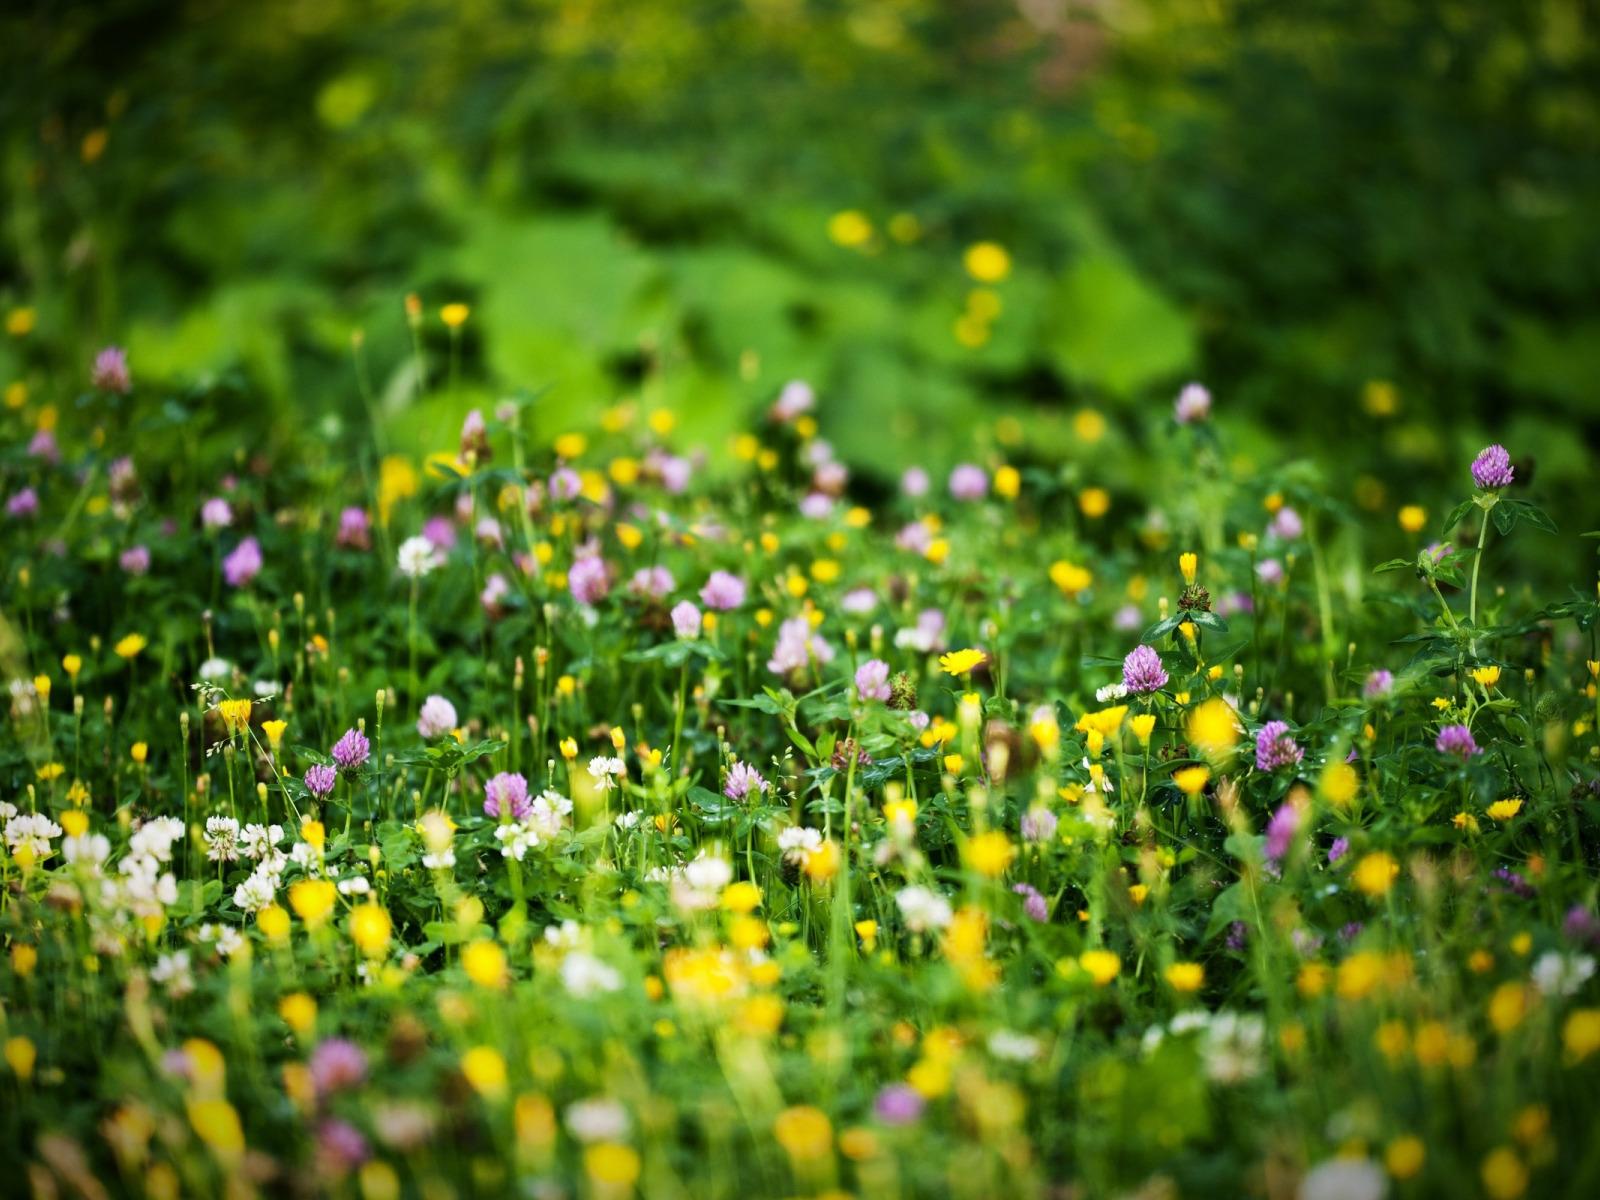 картинки для рабочего стола трава цветы